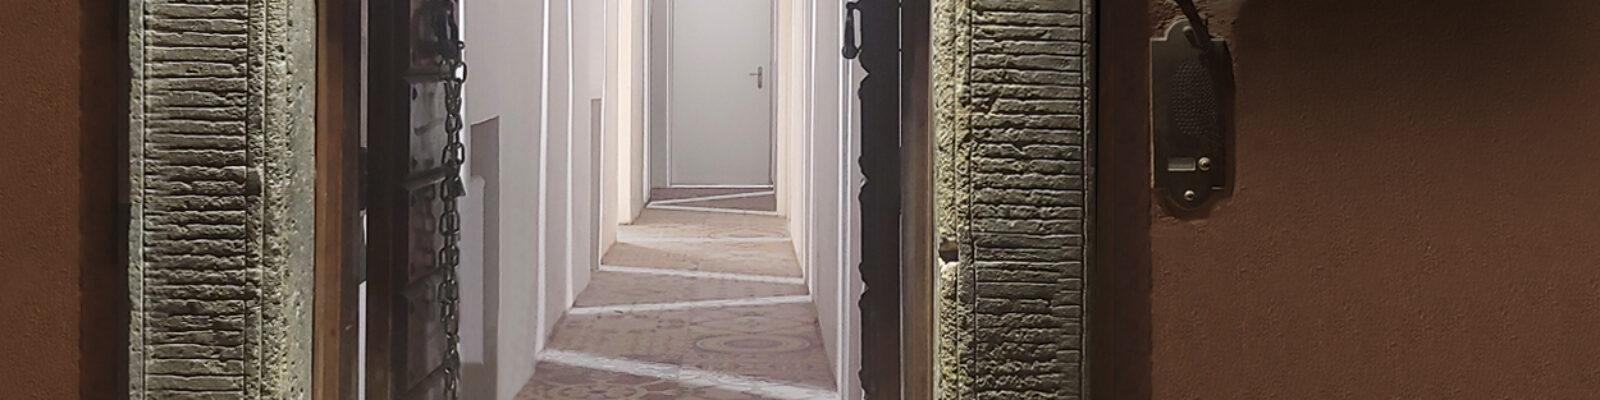 Ingresso illuminato dell'hotel Cisterna a Trastevere